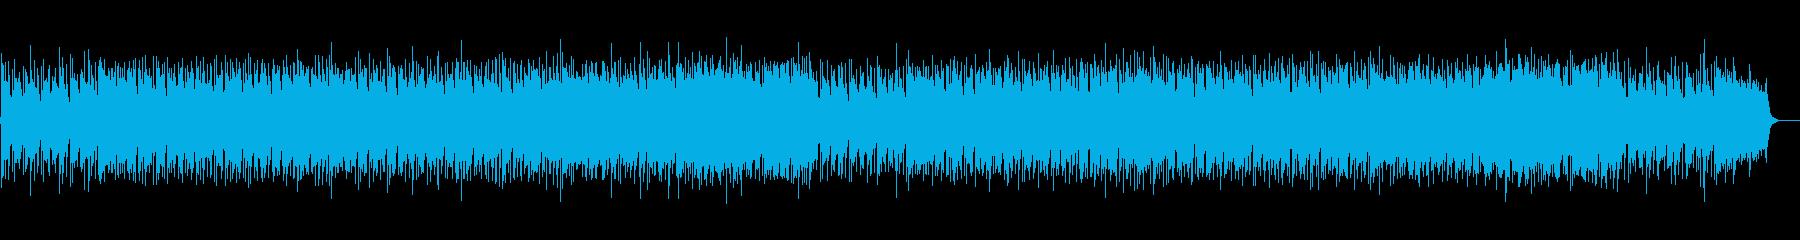 スキップするような気分のポップな弦楽の再生済みの波形